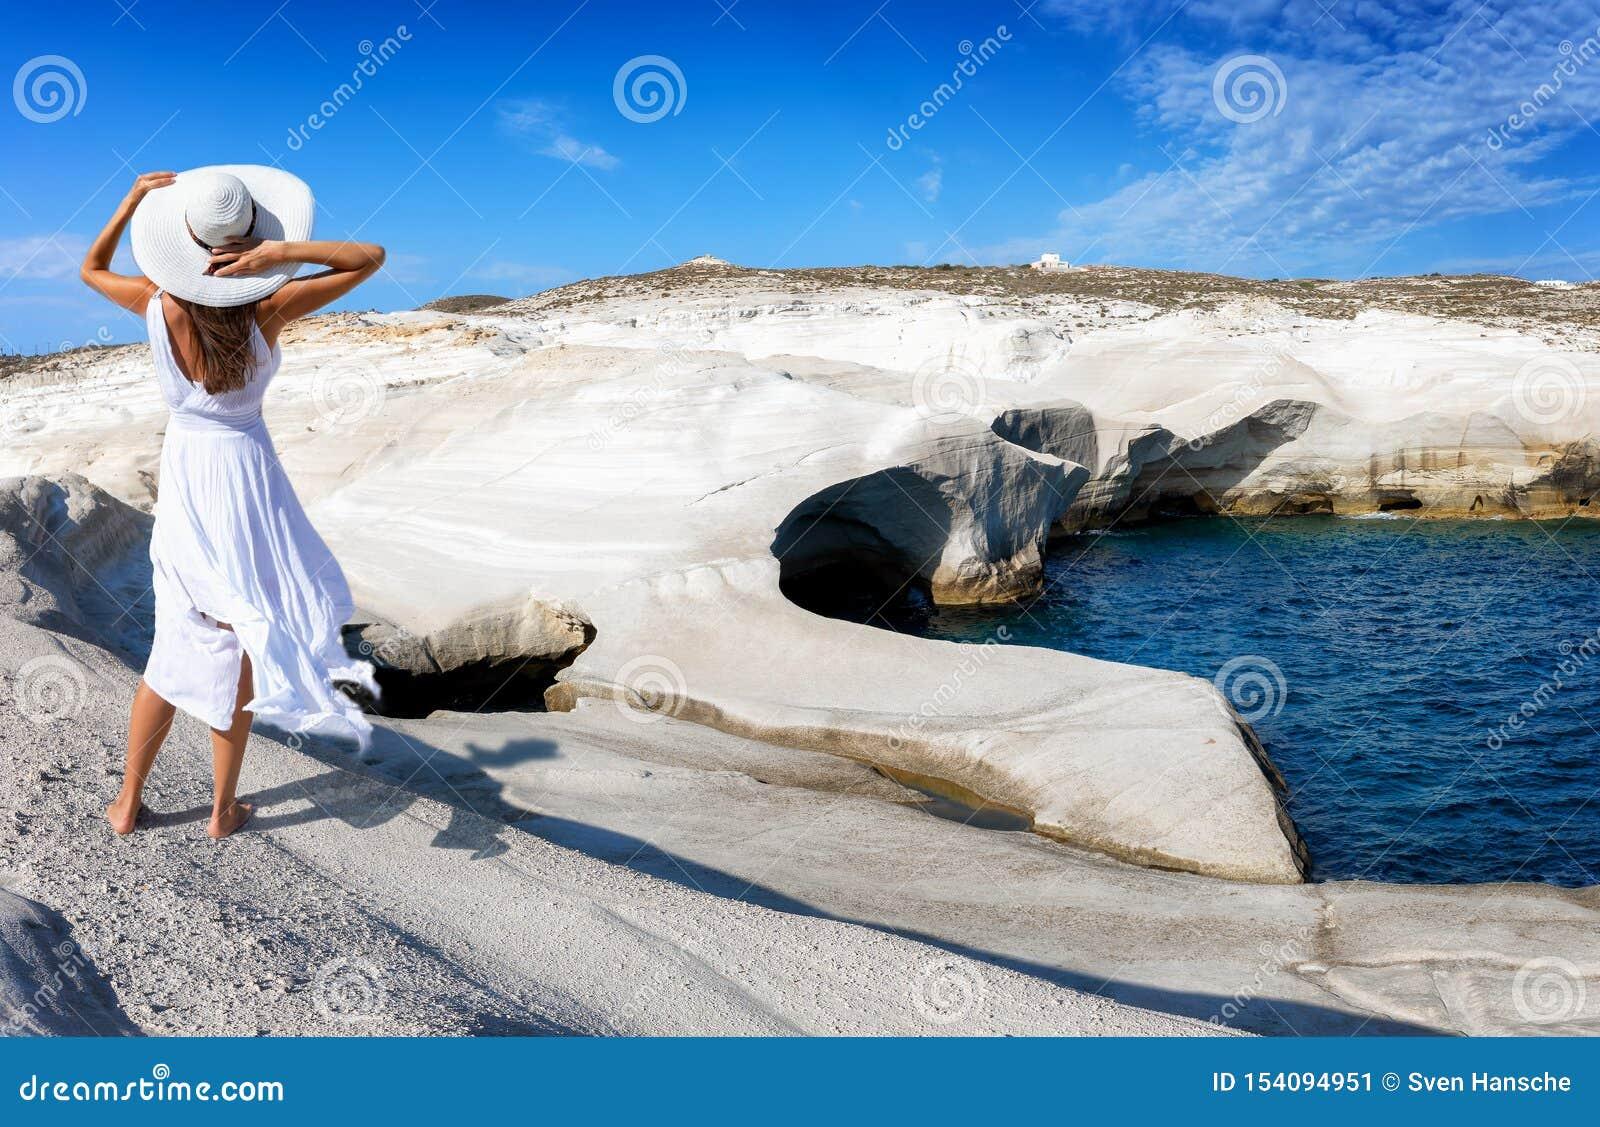 Женщина идет через вулканический ландшафт Sarakiniko на греческом острове Milos